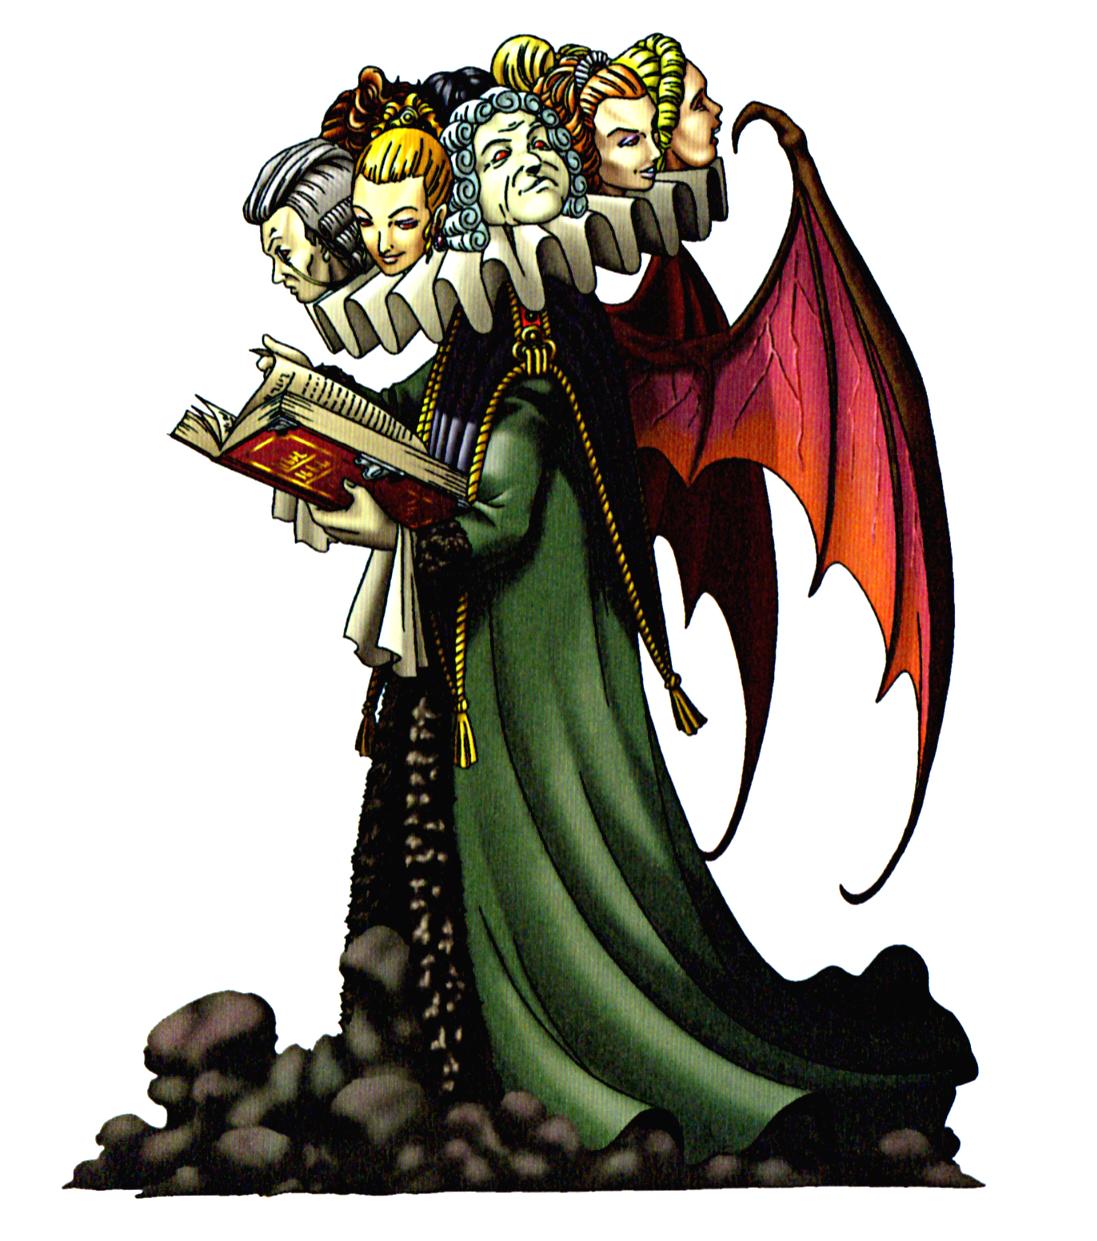 悪魔辞典邪神悪神堕天使のイラスト画像コレクション